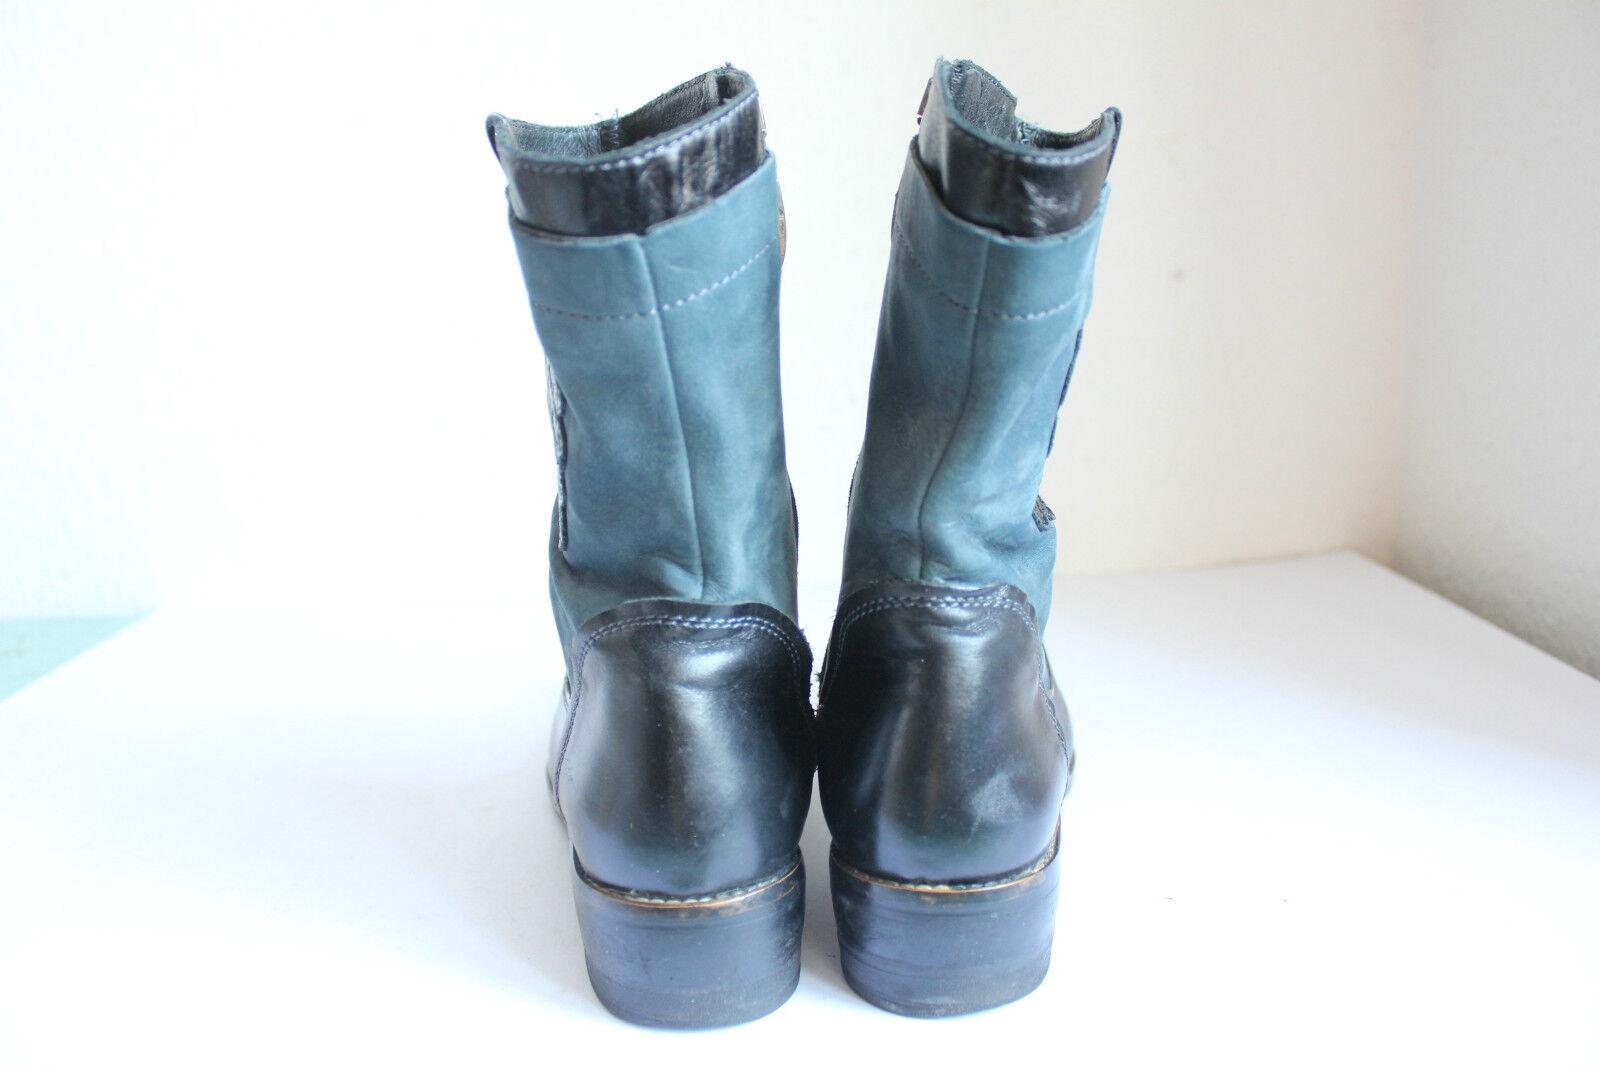 Martinelli Luxus Echtleder Elegante High Stiefel Stiefel Echtleder Luxus Eu:38-38,5 6ee69c